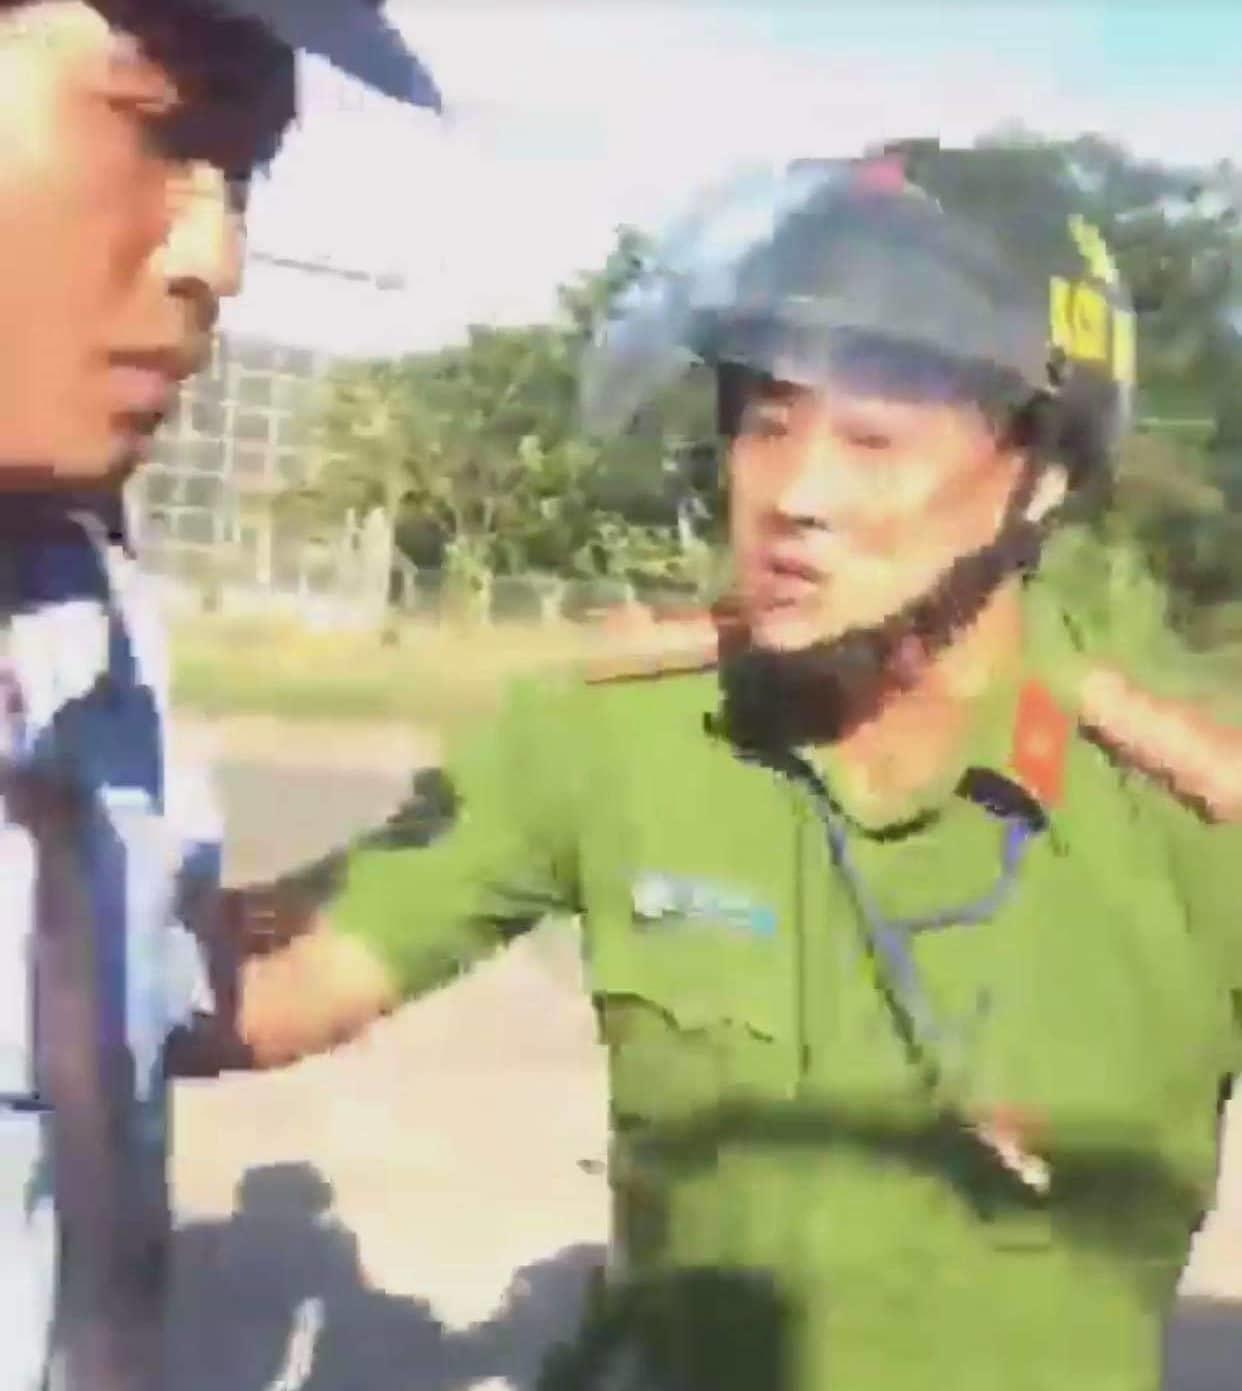 Tạm đình chỉ công tác thiếu tá công an chửi bới tài xế ở Bình Phước - Ảnh 1